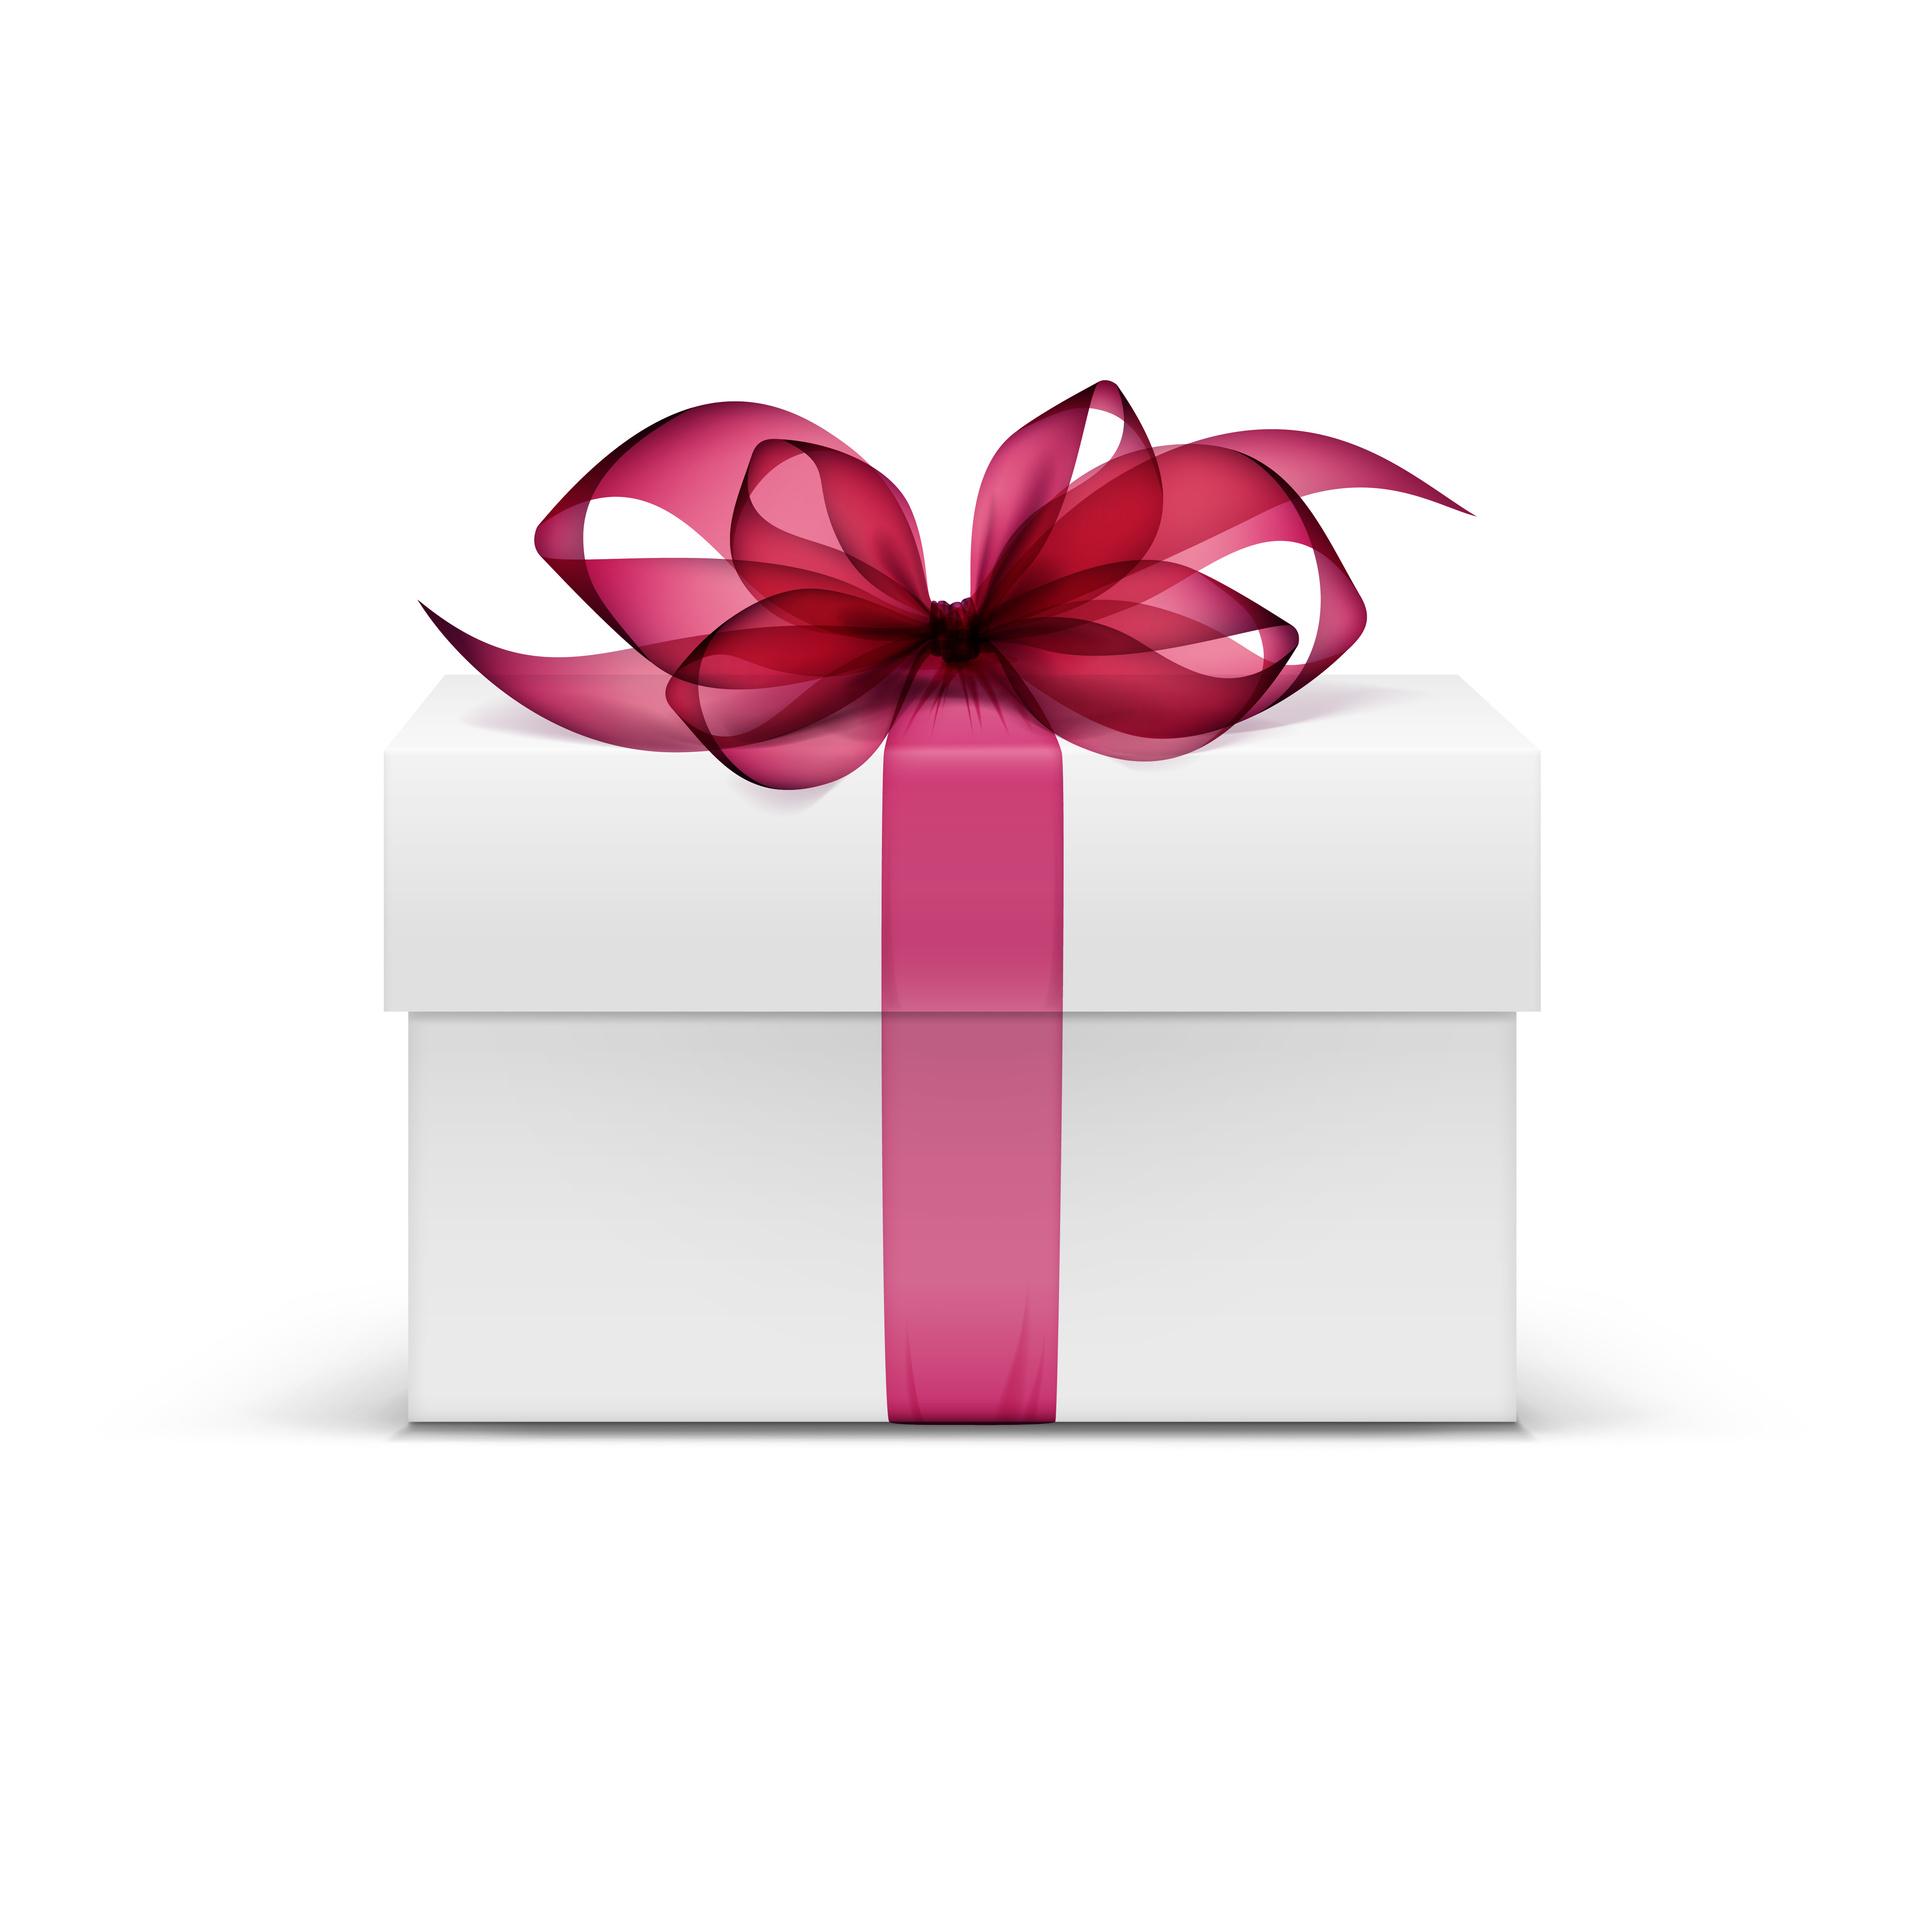 Weißes, rechteckiges Geschenk mit rötlicher Schleife anlässlich des 18. Geburtstages von Häcker & Partner